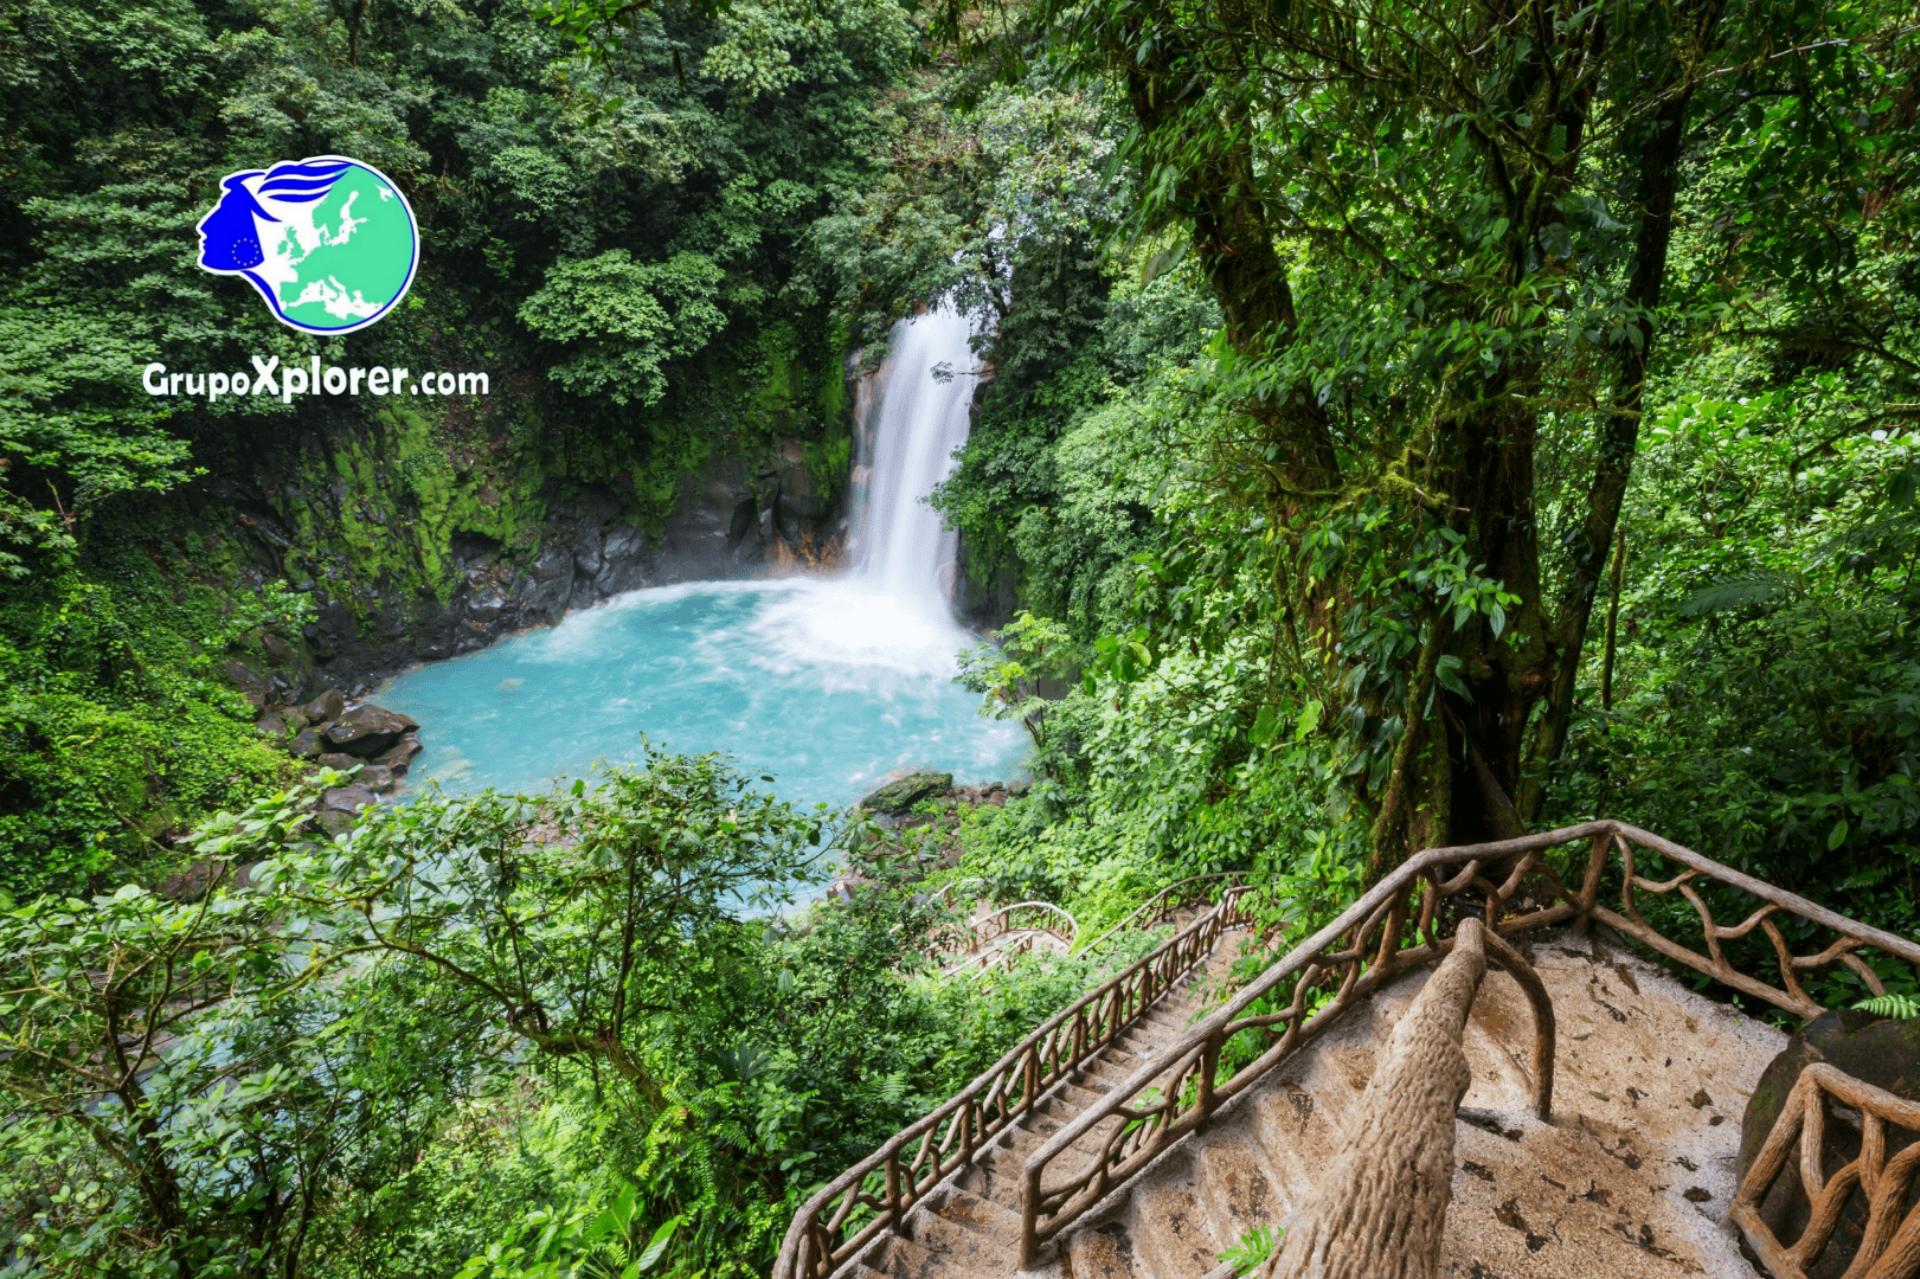 Viajar a Costa Rica con todo incluido, nuca fue tan fácil ¡Pura vida!